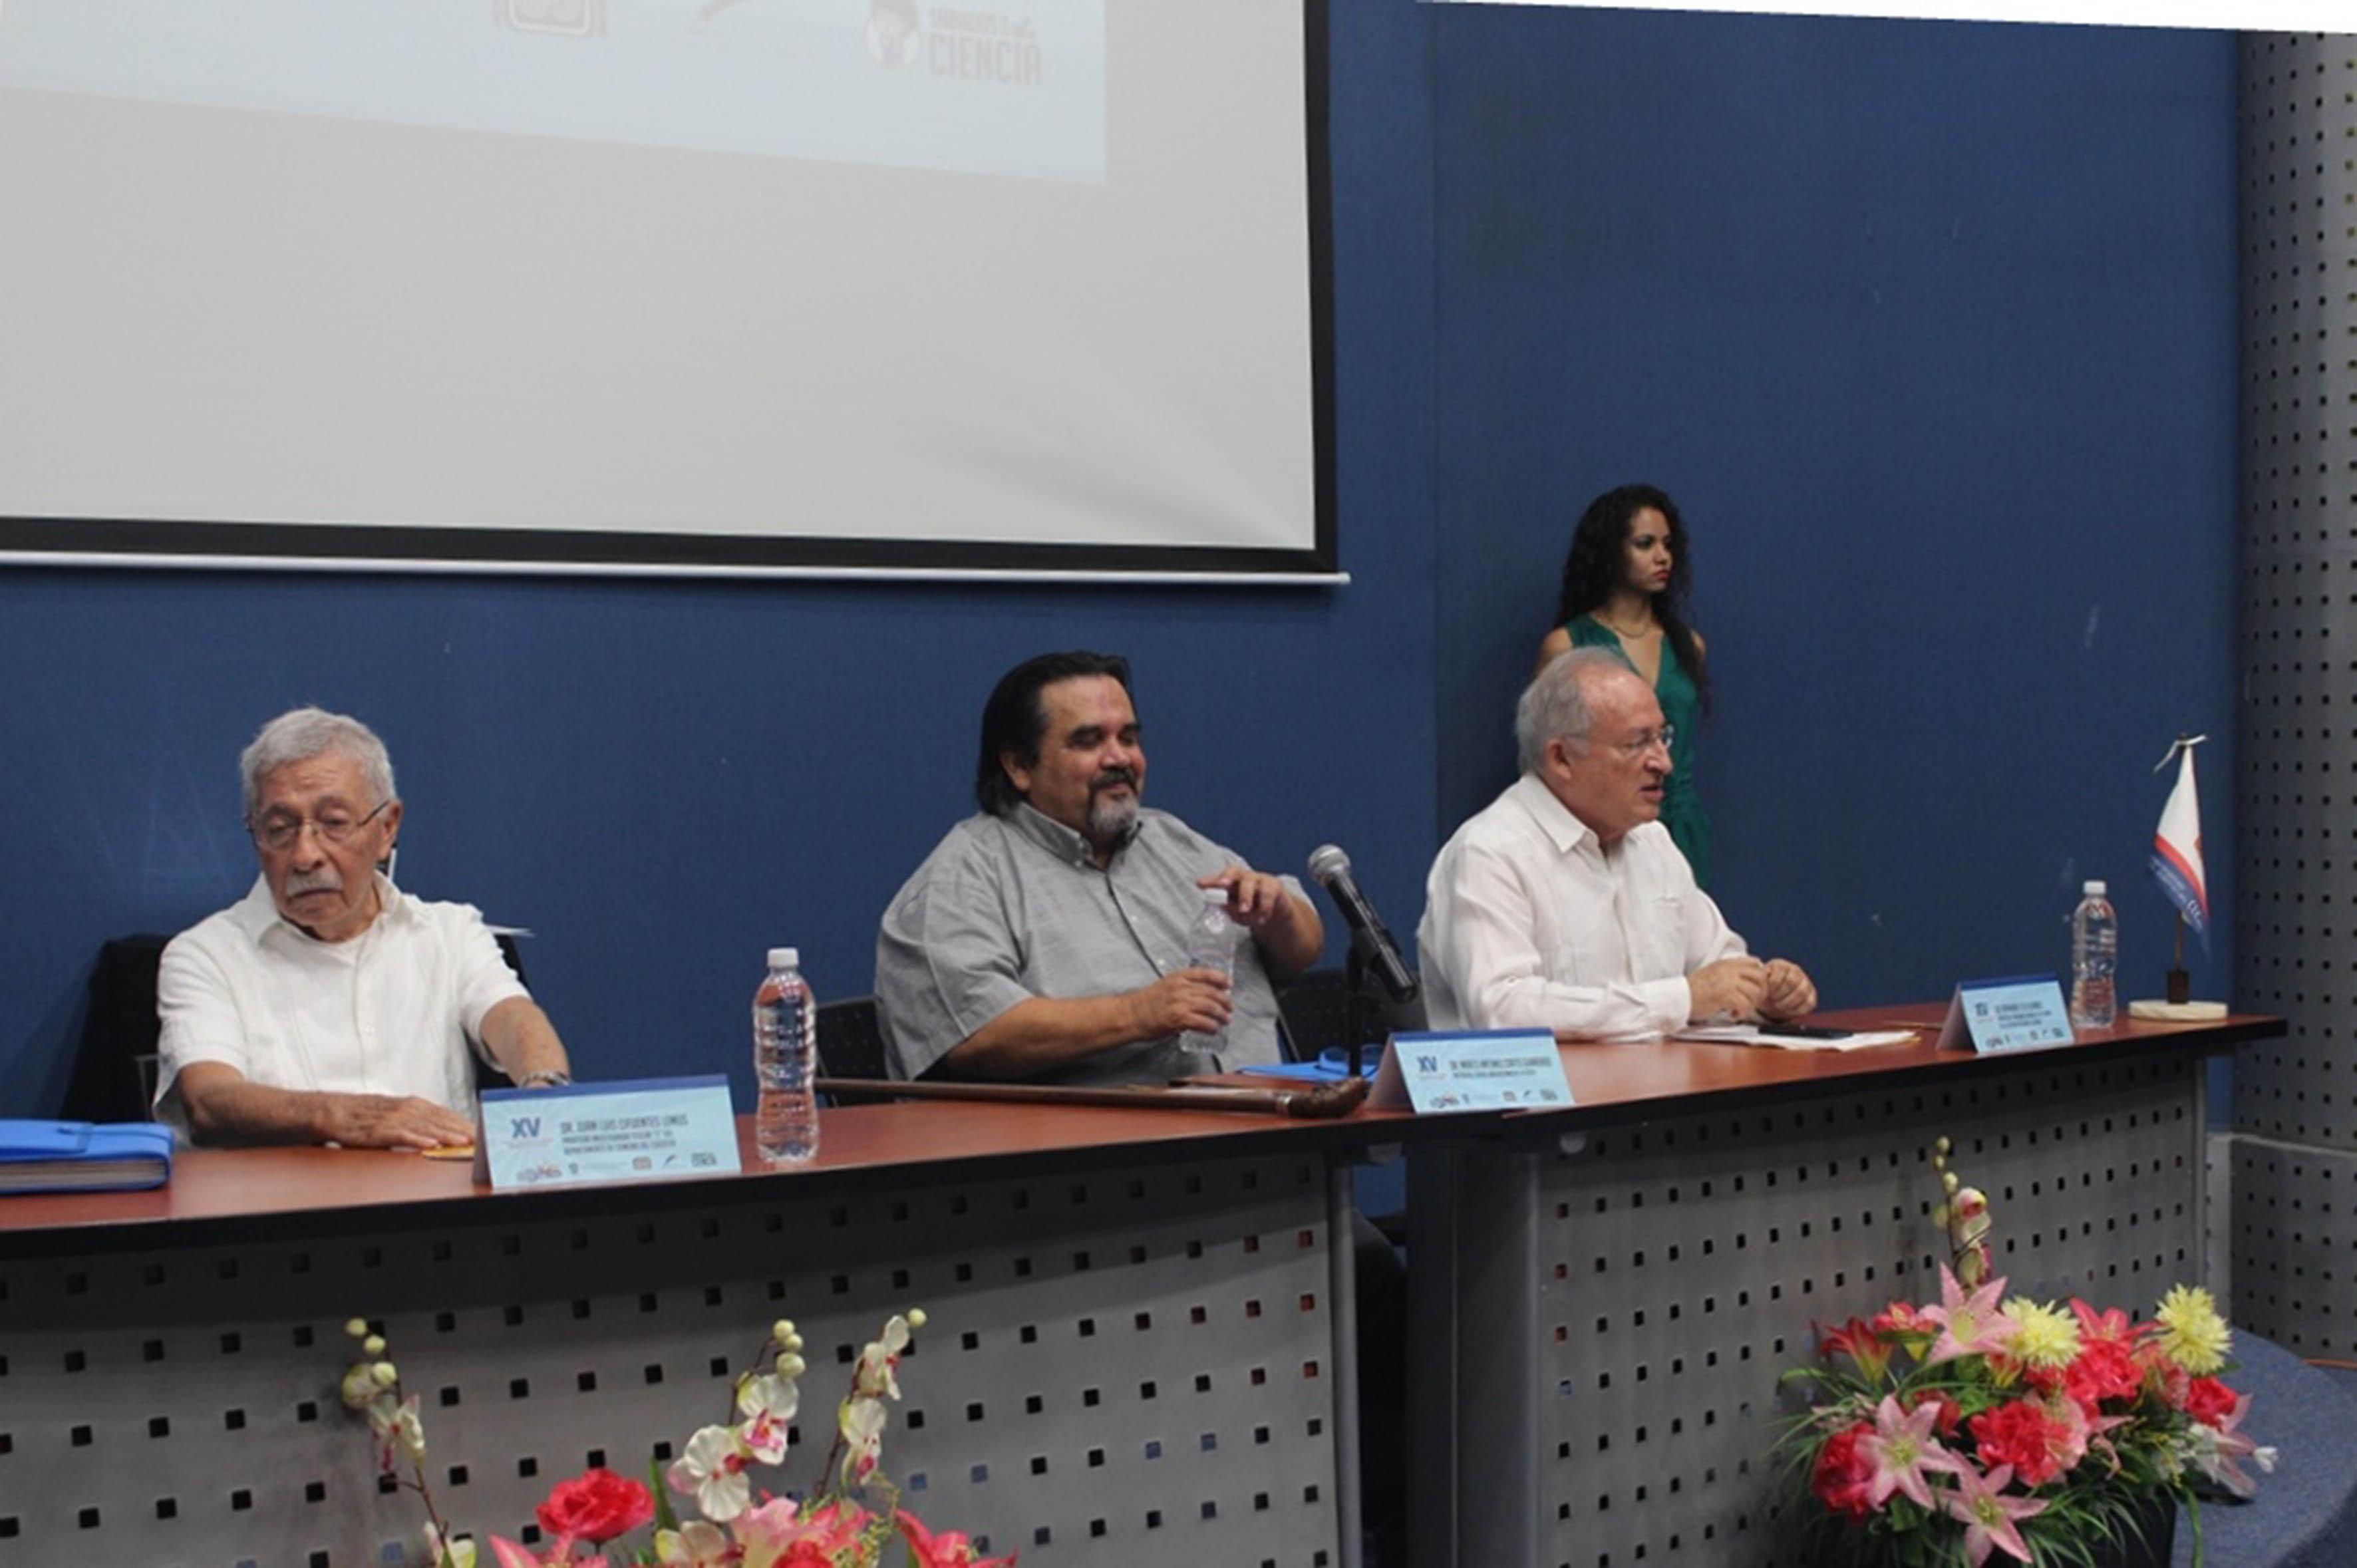 XV Reunión de coordinadores del programa Domingos en la Ciencia de la Academia Mexicana de Ciencias